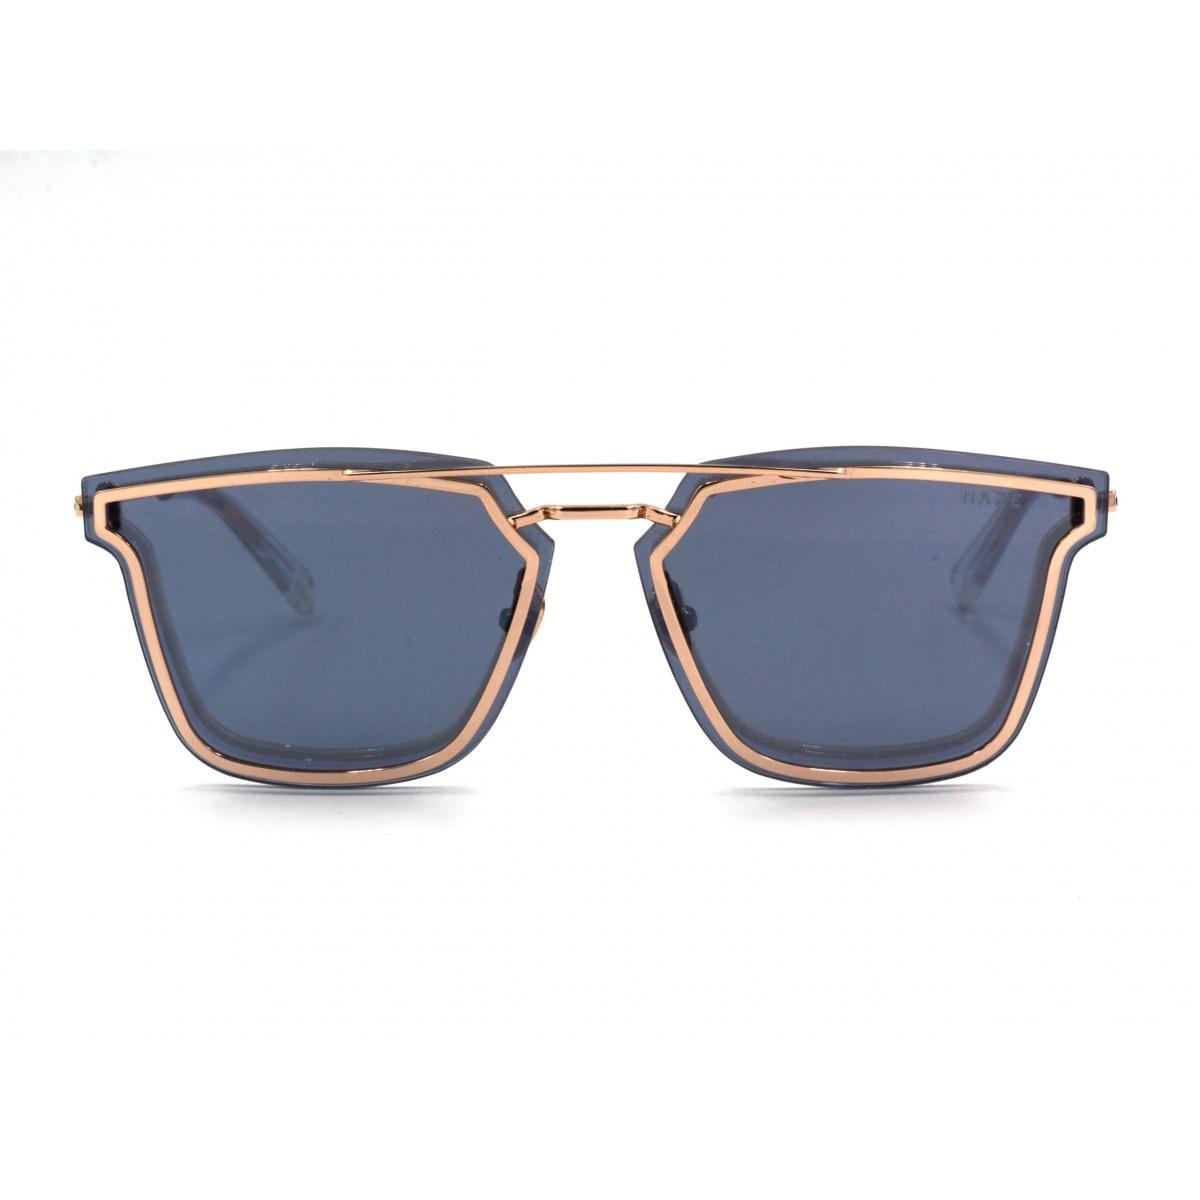 Γυαλιά ηλίου HAZE COLLECTION BOND RSC 67-11-145